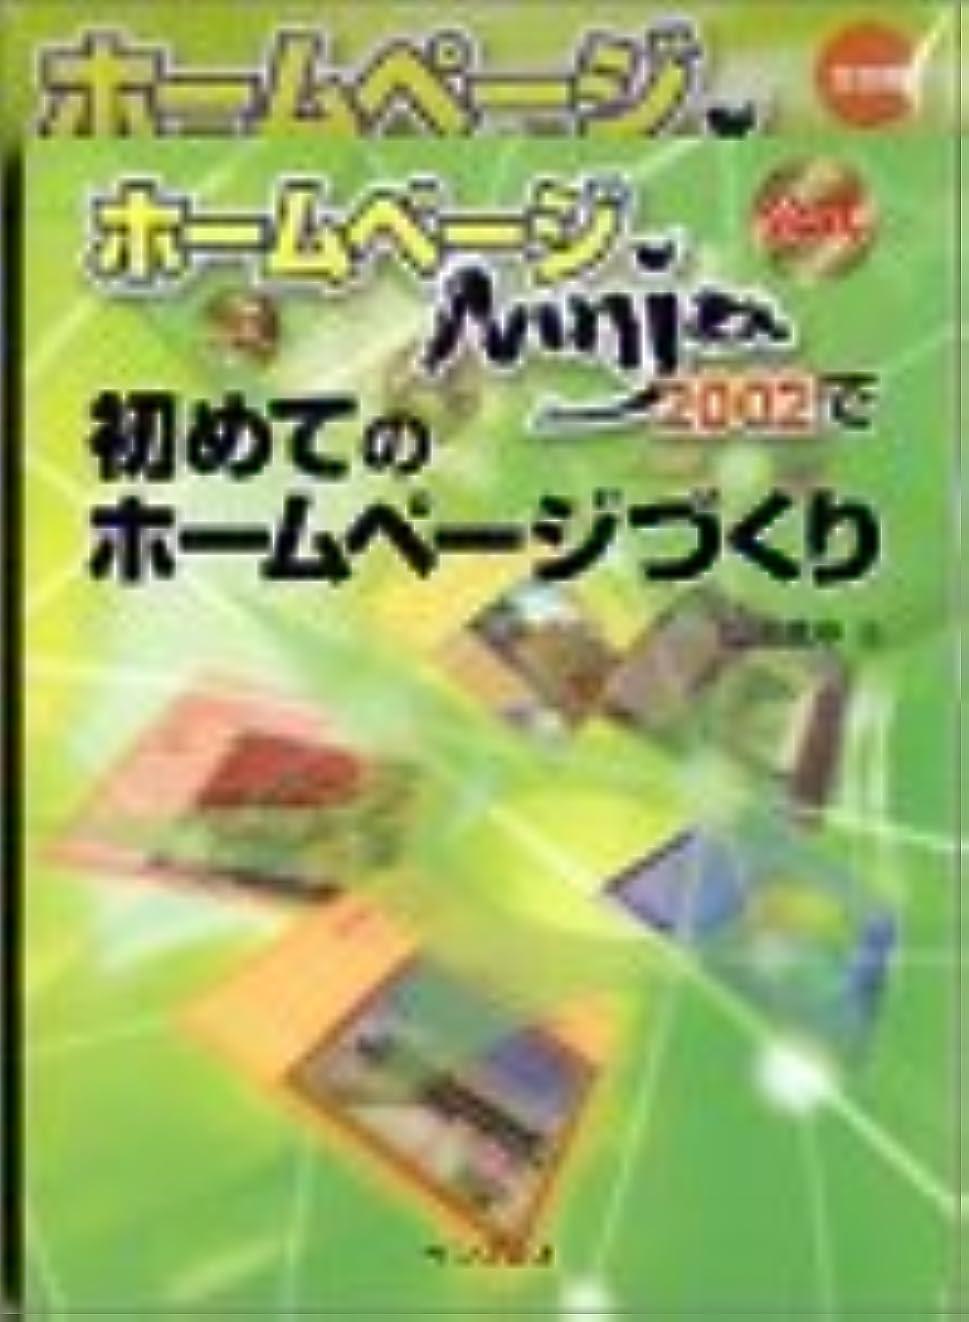 日食復活させる前方へホームページ Ninja 2002 for Windows ガイドブック付き